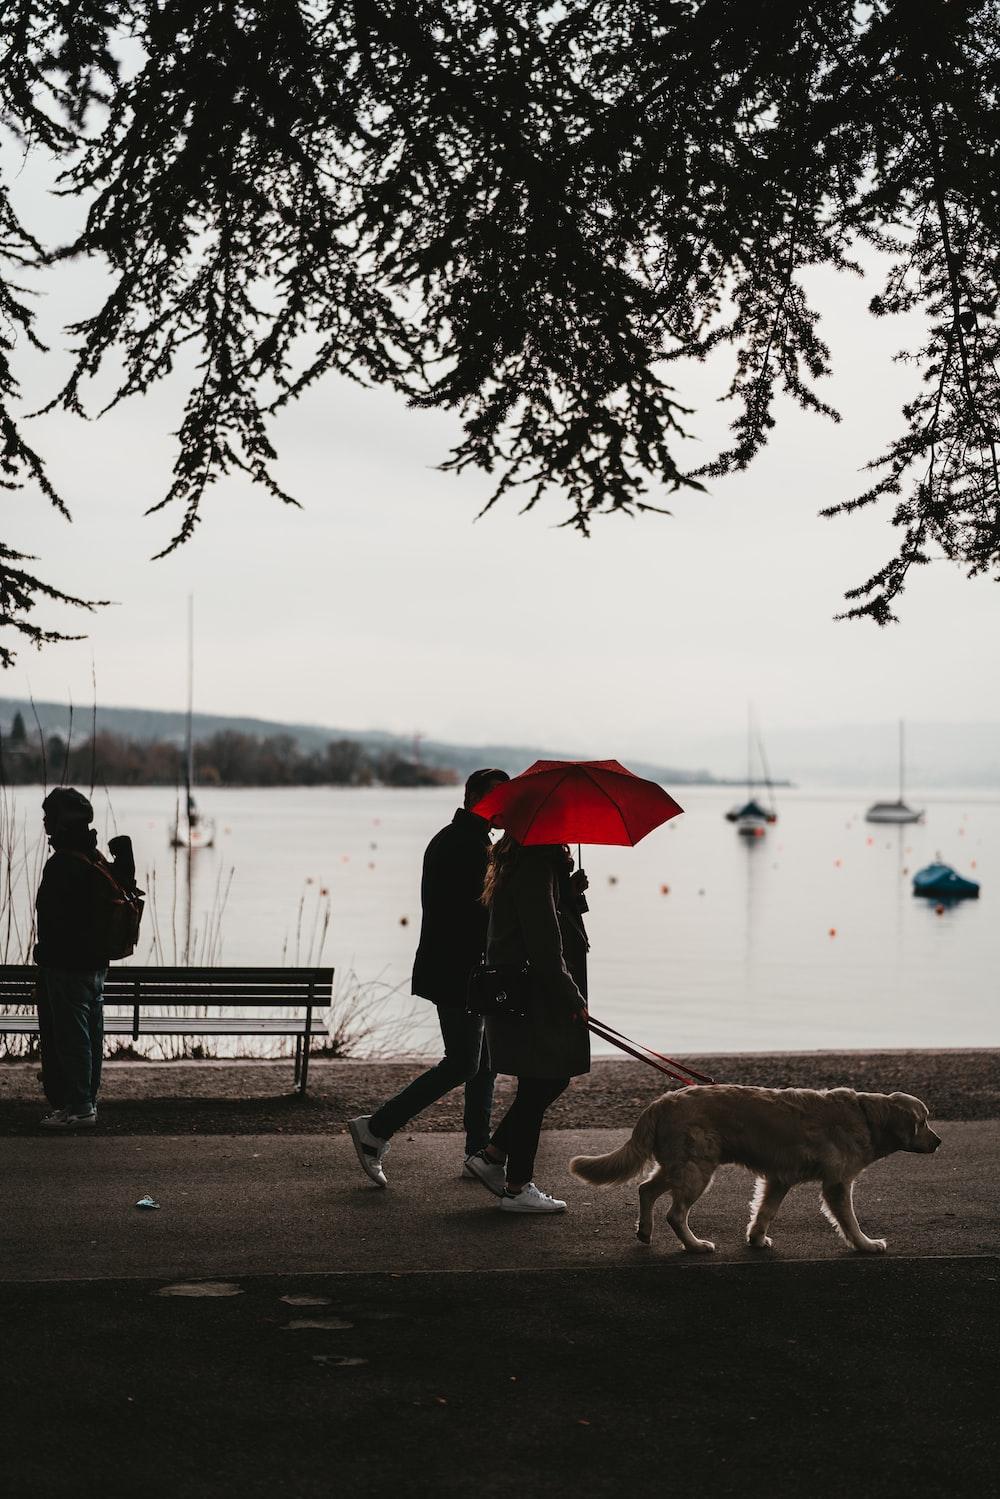 man and woman holding umbrella walking on sidewalk during daytime